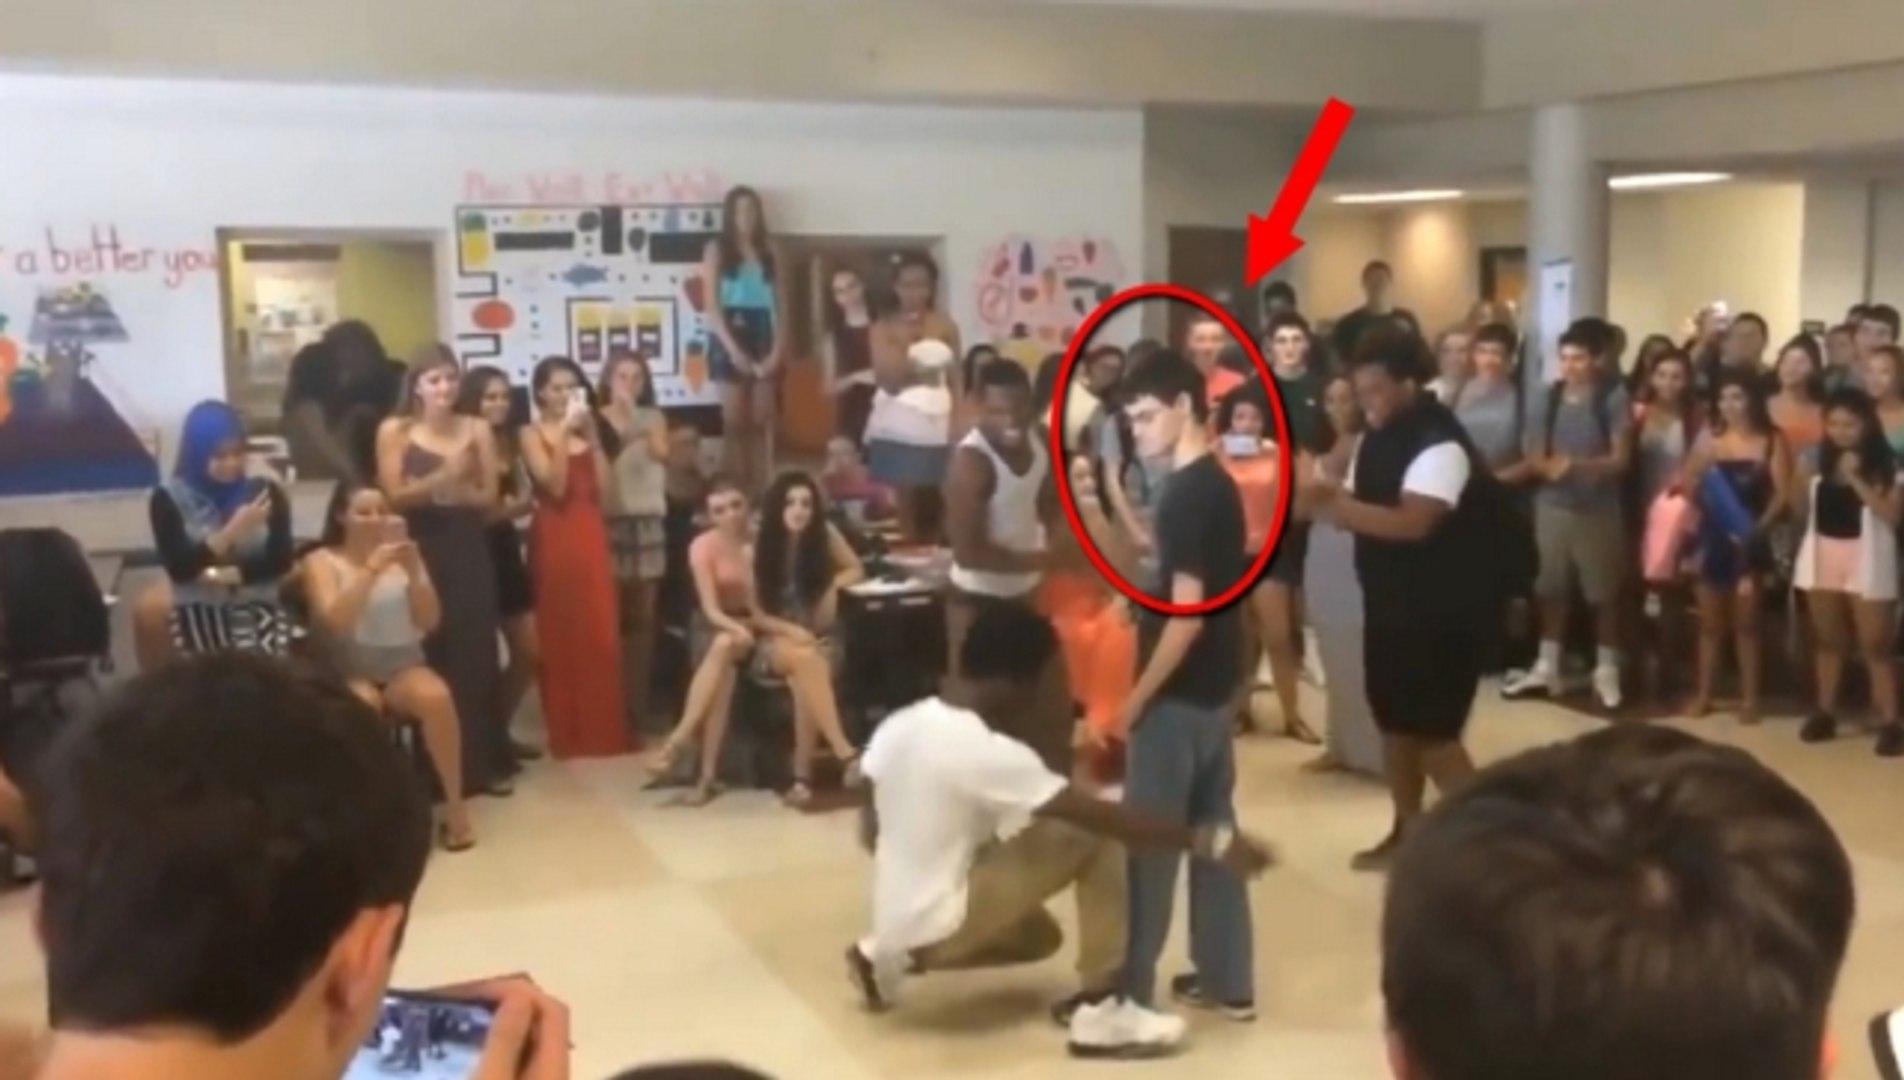 Sürpriz Dansıyla Herkesi Kendine Hayran Bırakan Liseli Genç